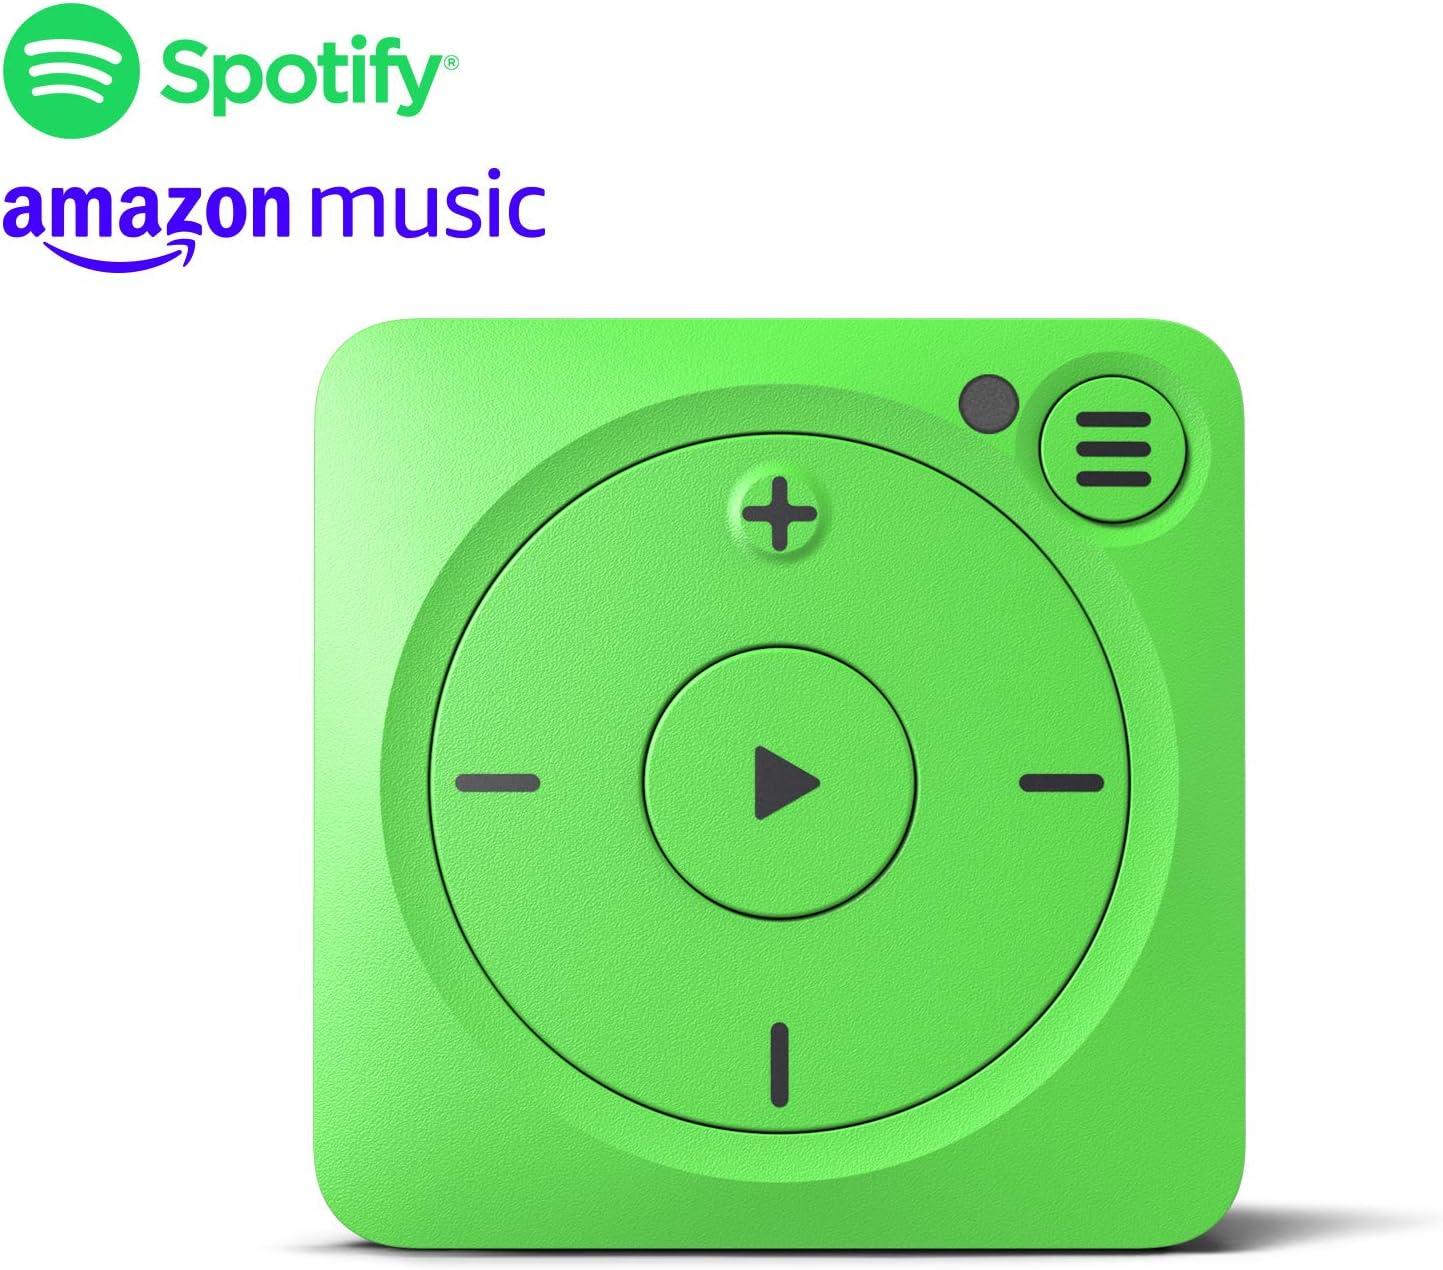 Mighty Vibe Reproductor de música Spotify y Amazon Music - Shamrock Green - Clip Deportivo, para Auriculares Bluetooth y con Cable - Reproductor Streaming MP3 sin Necesidad de tu teléfono